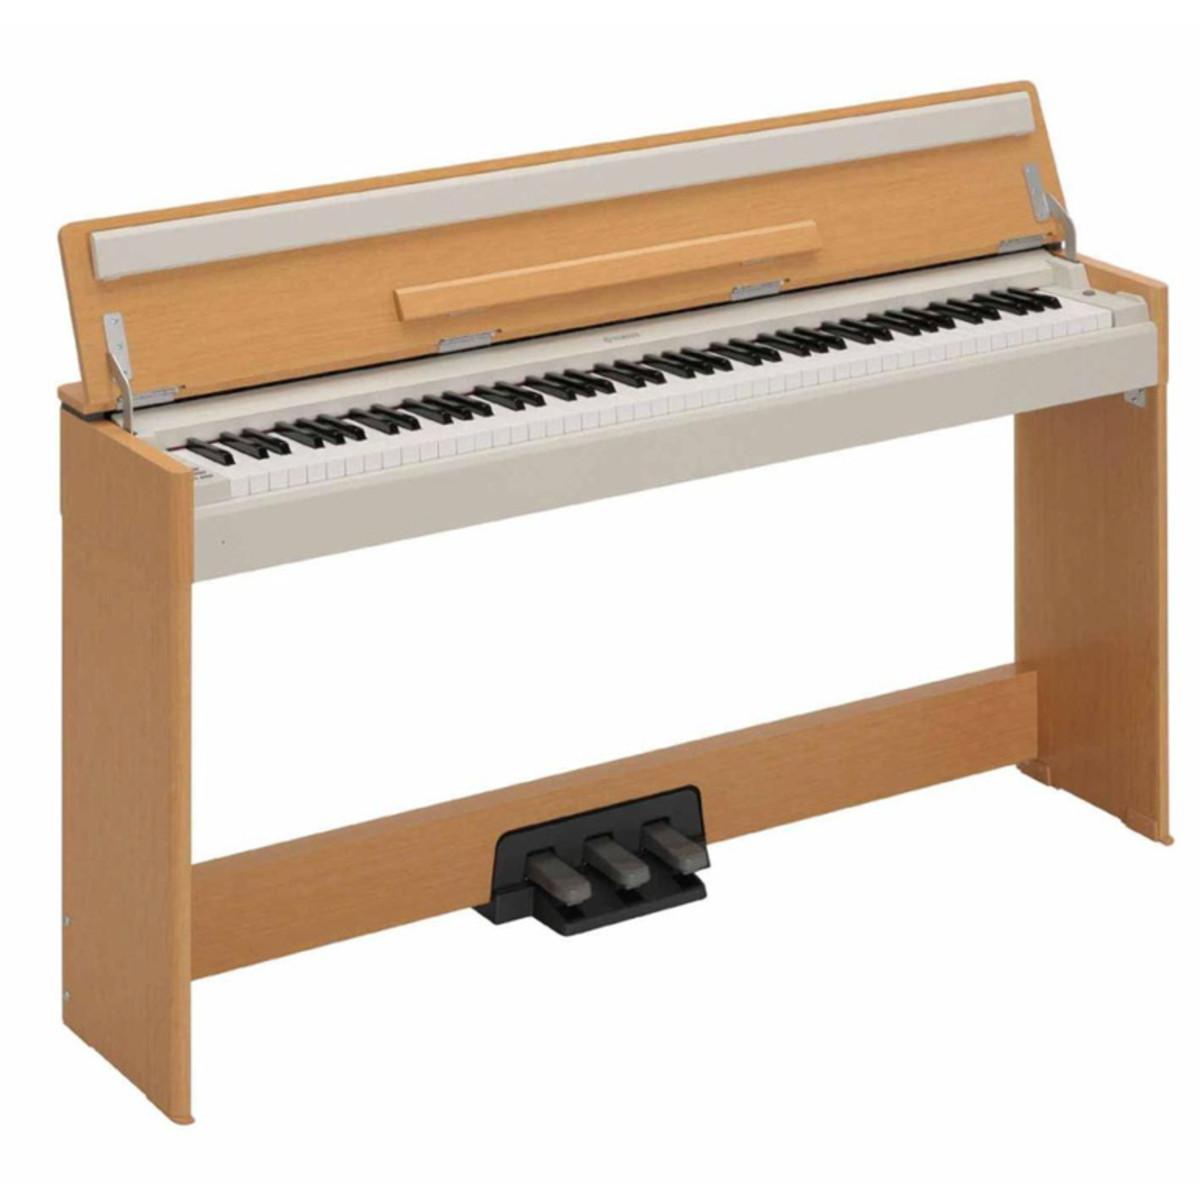 Стойка для пианино своими руками